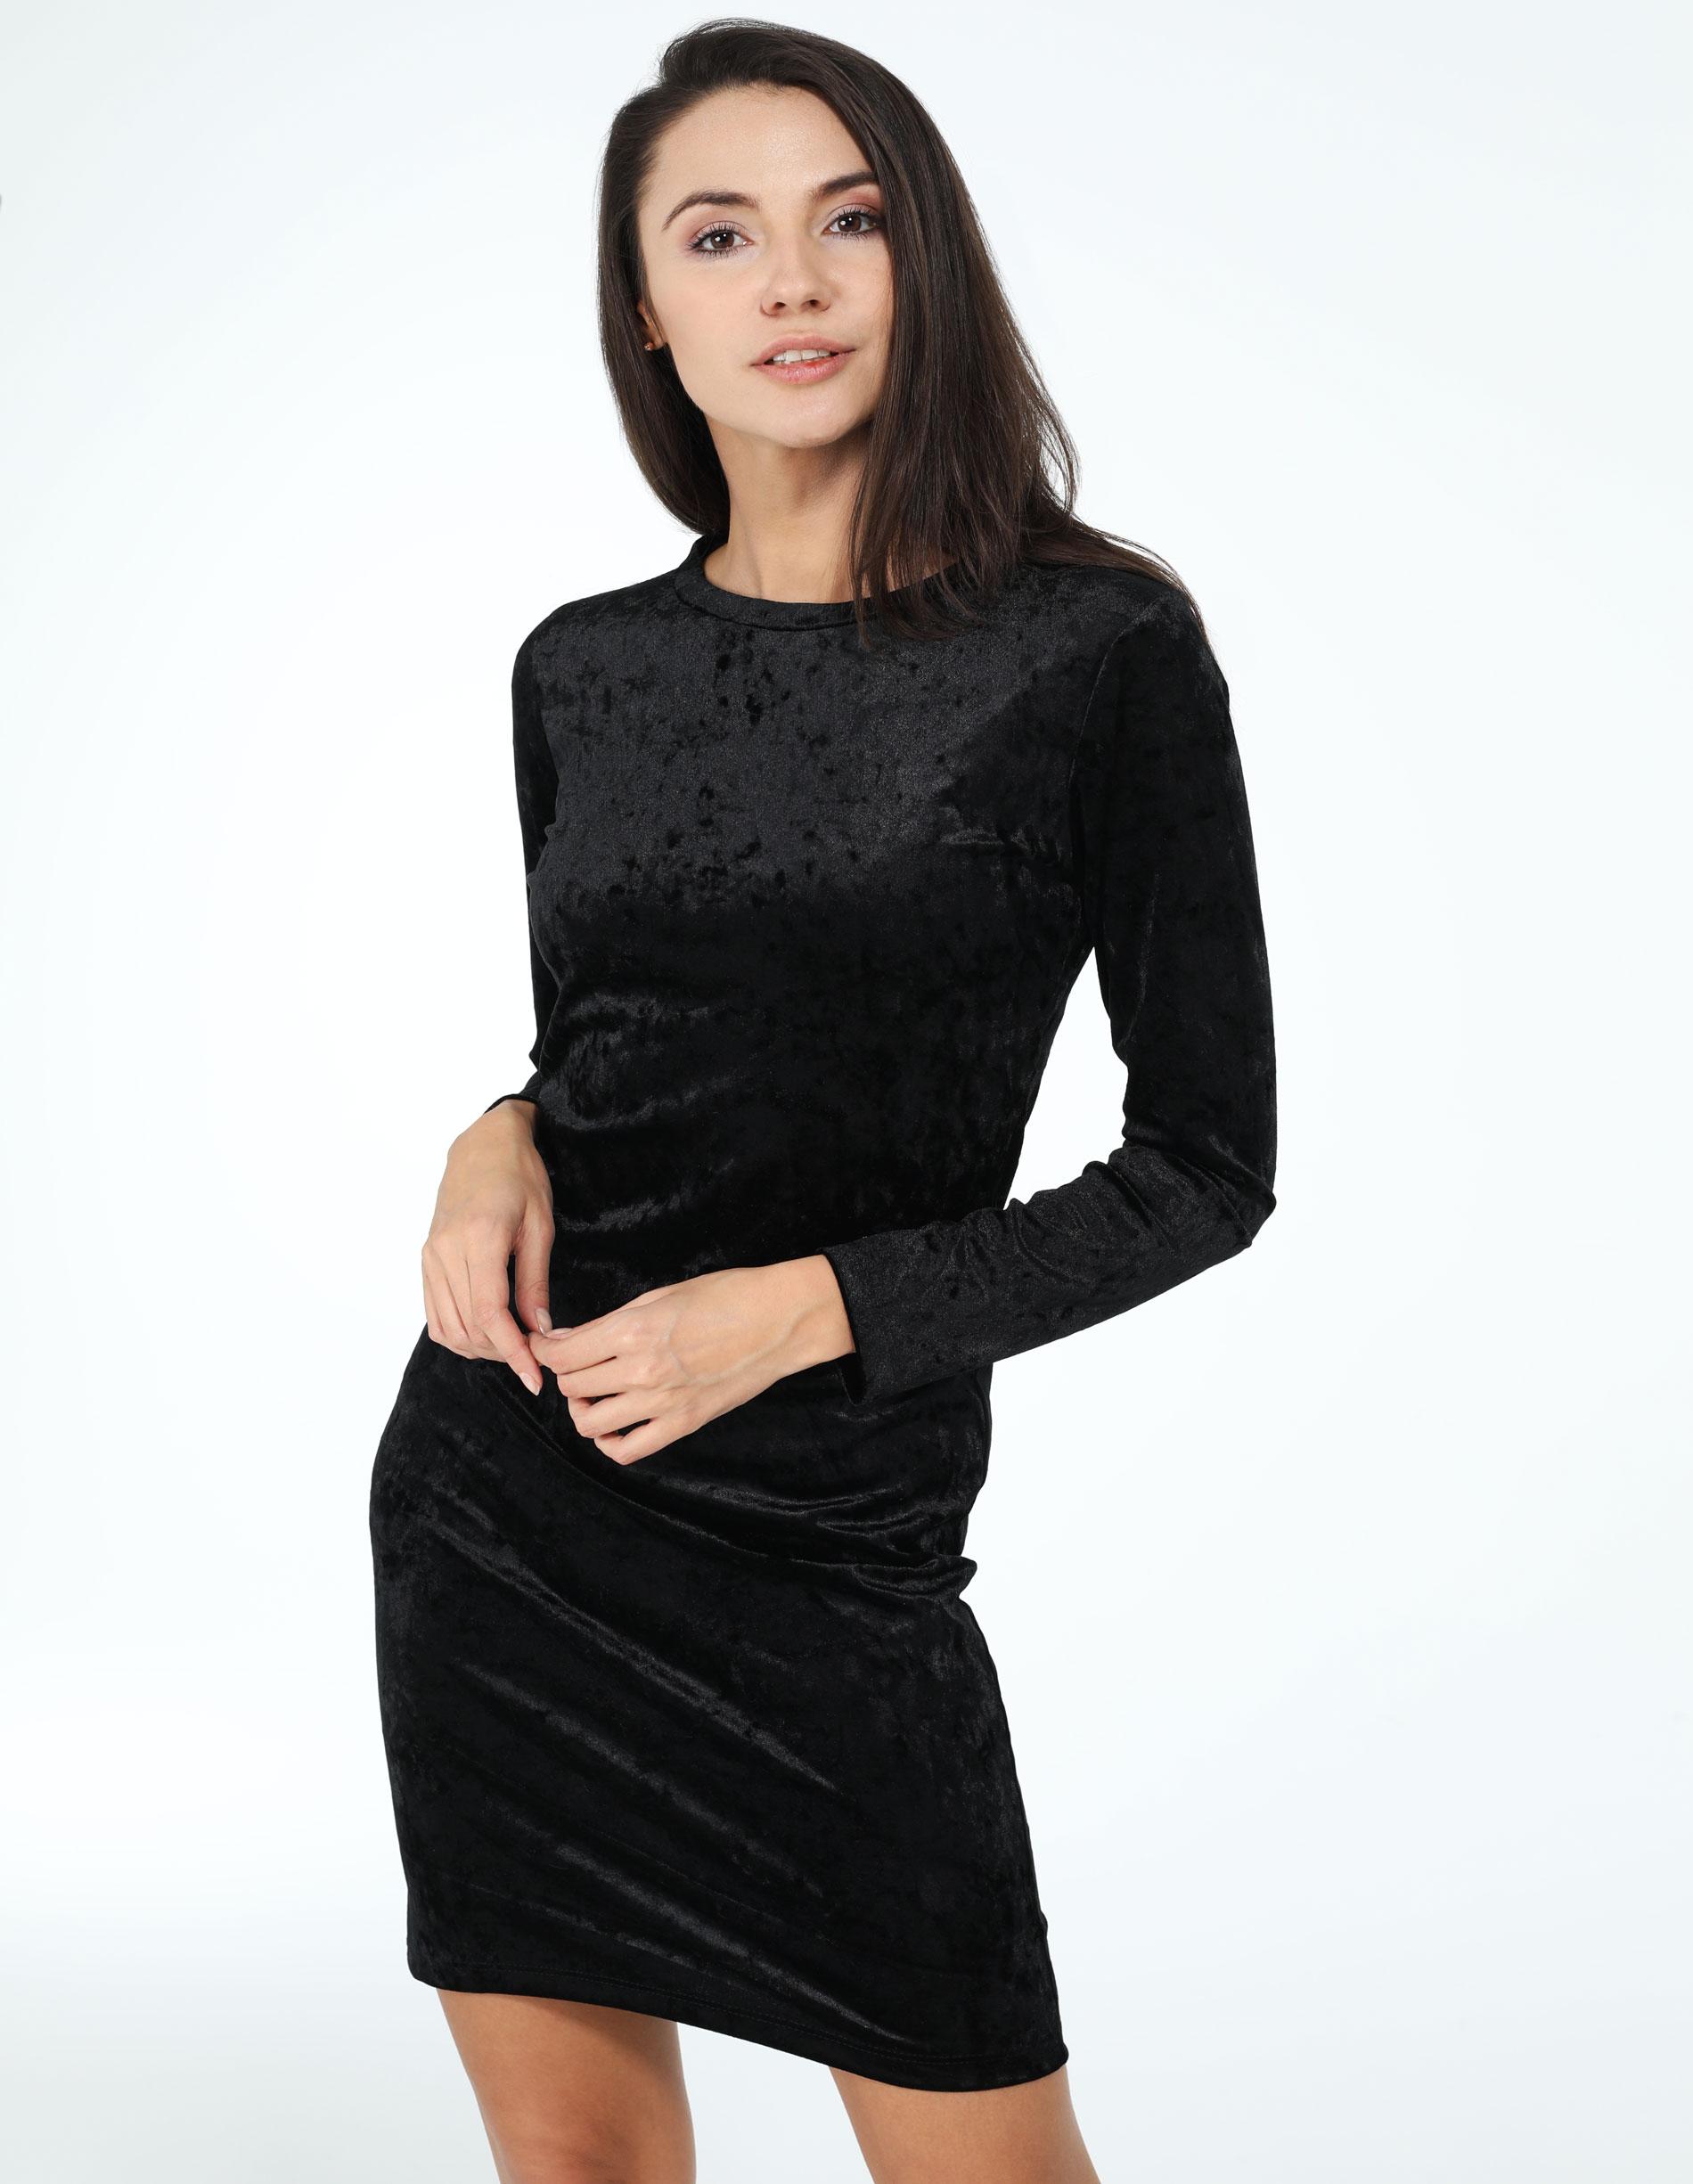 Sukienka - 31-100 NERO - Unisono